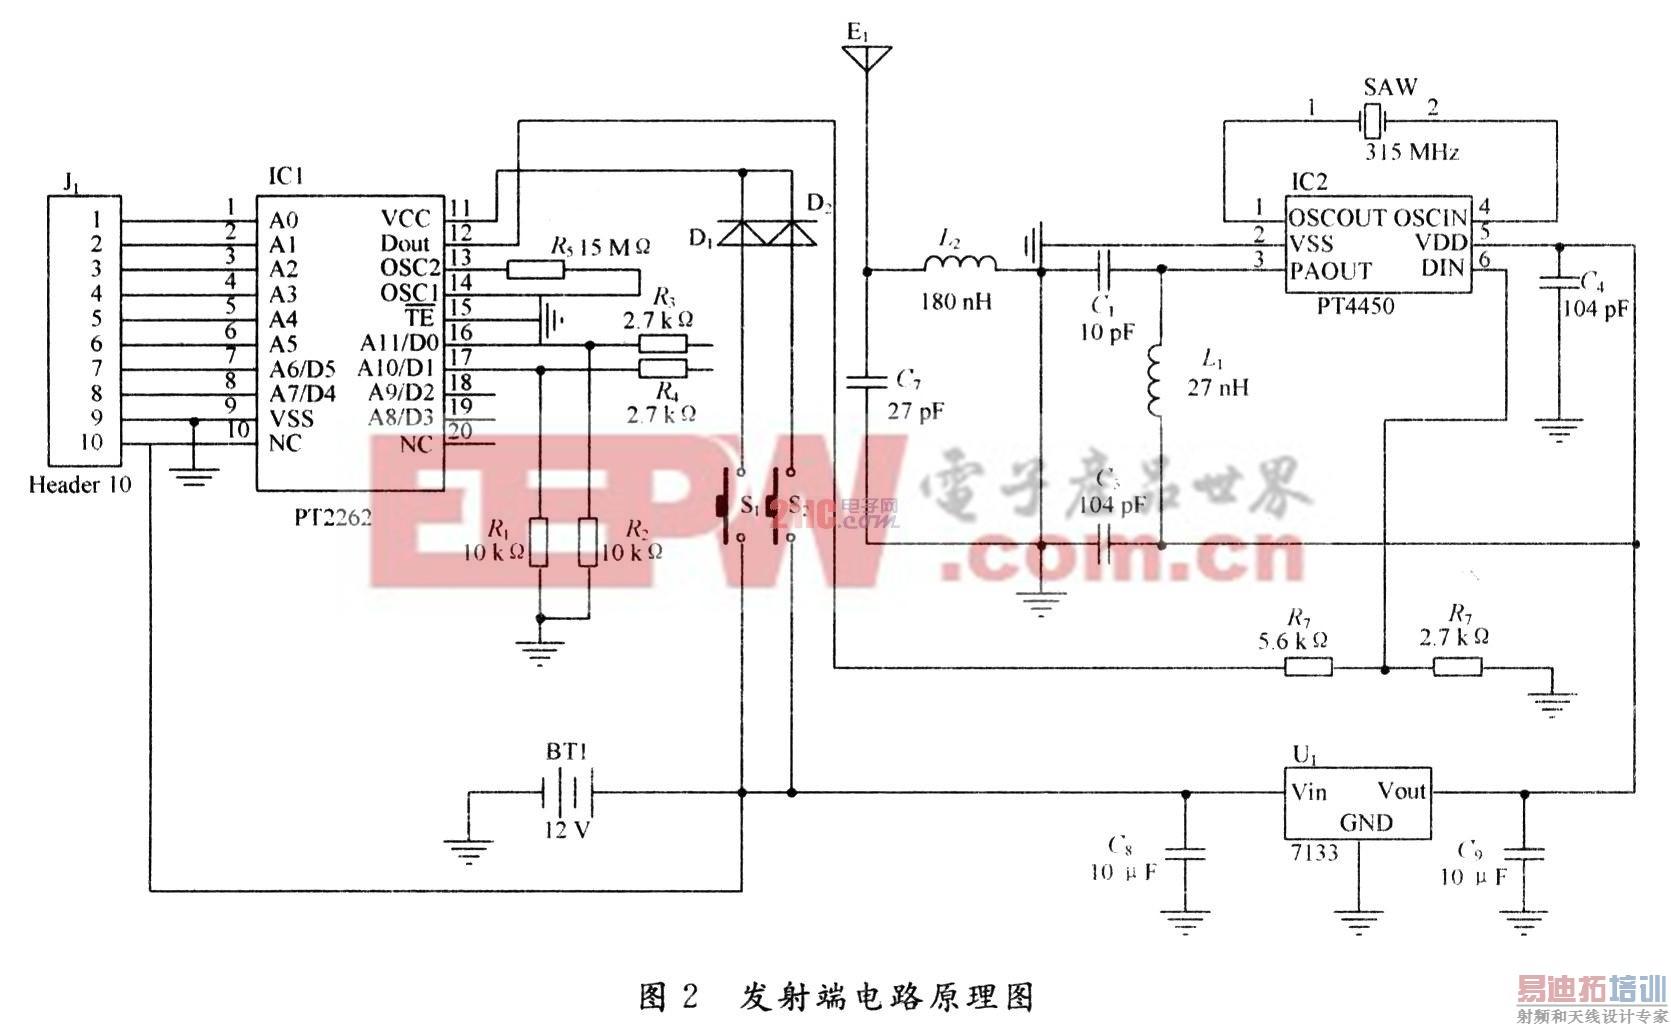 当din脚为高电平时触发电路,单触发电路打开功率放大器和saw振荡器,高